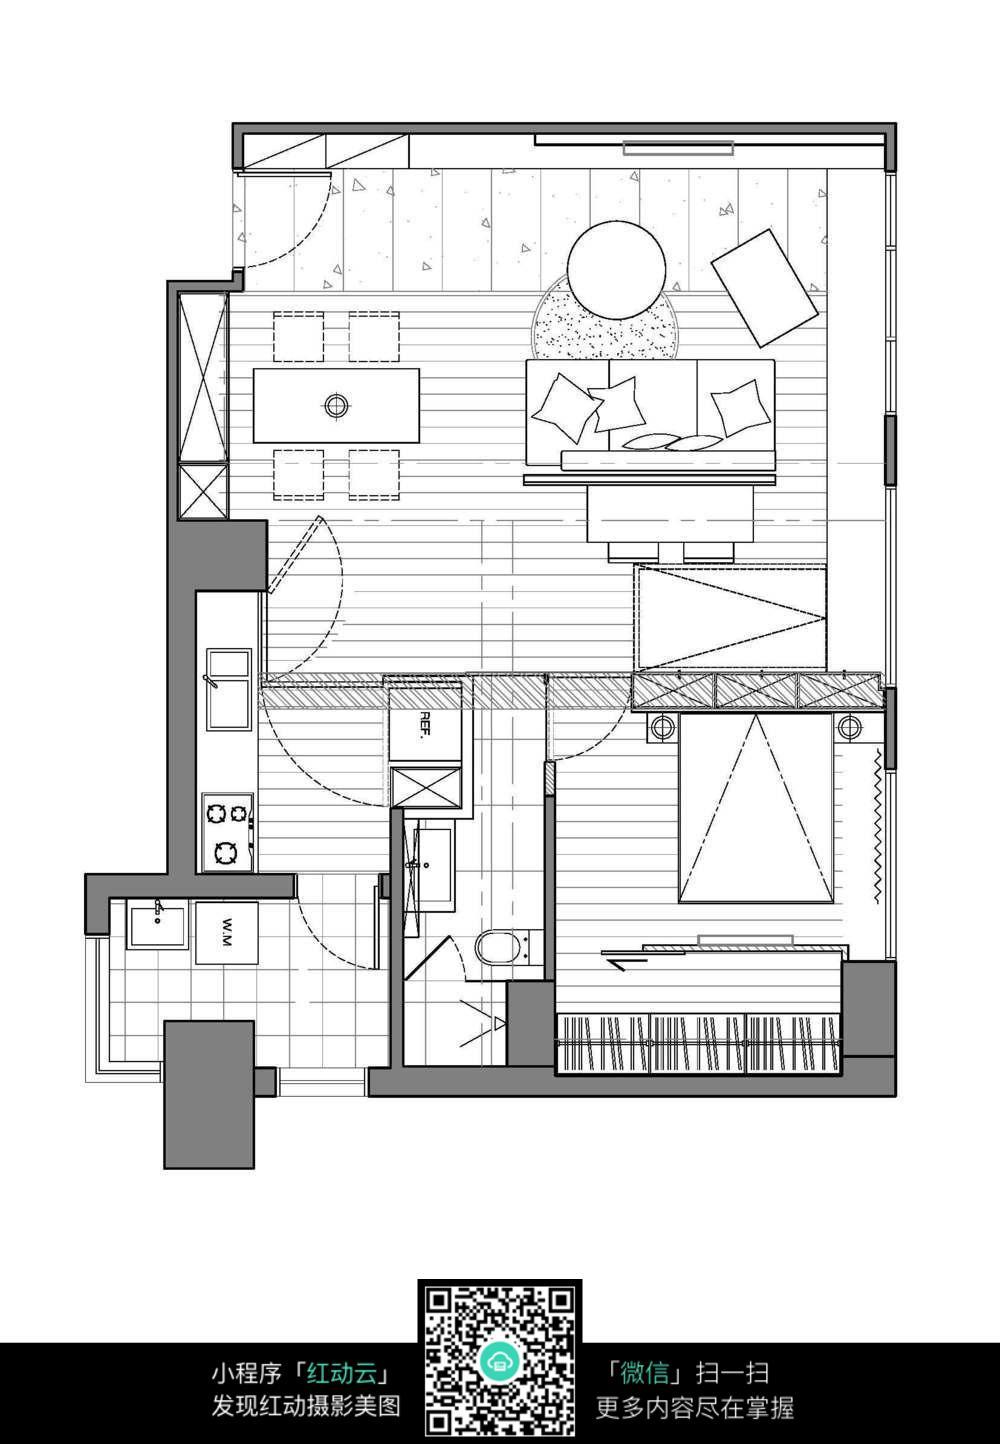 室内设计平面图【相关词_ cad室内设计平面图】